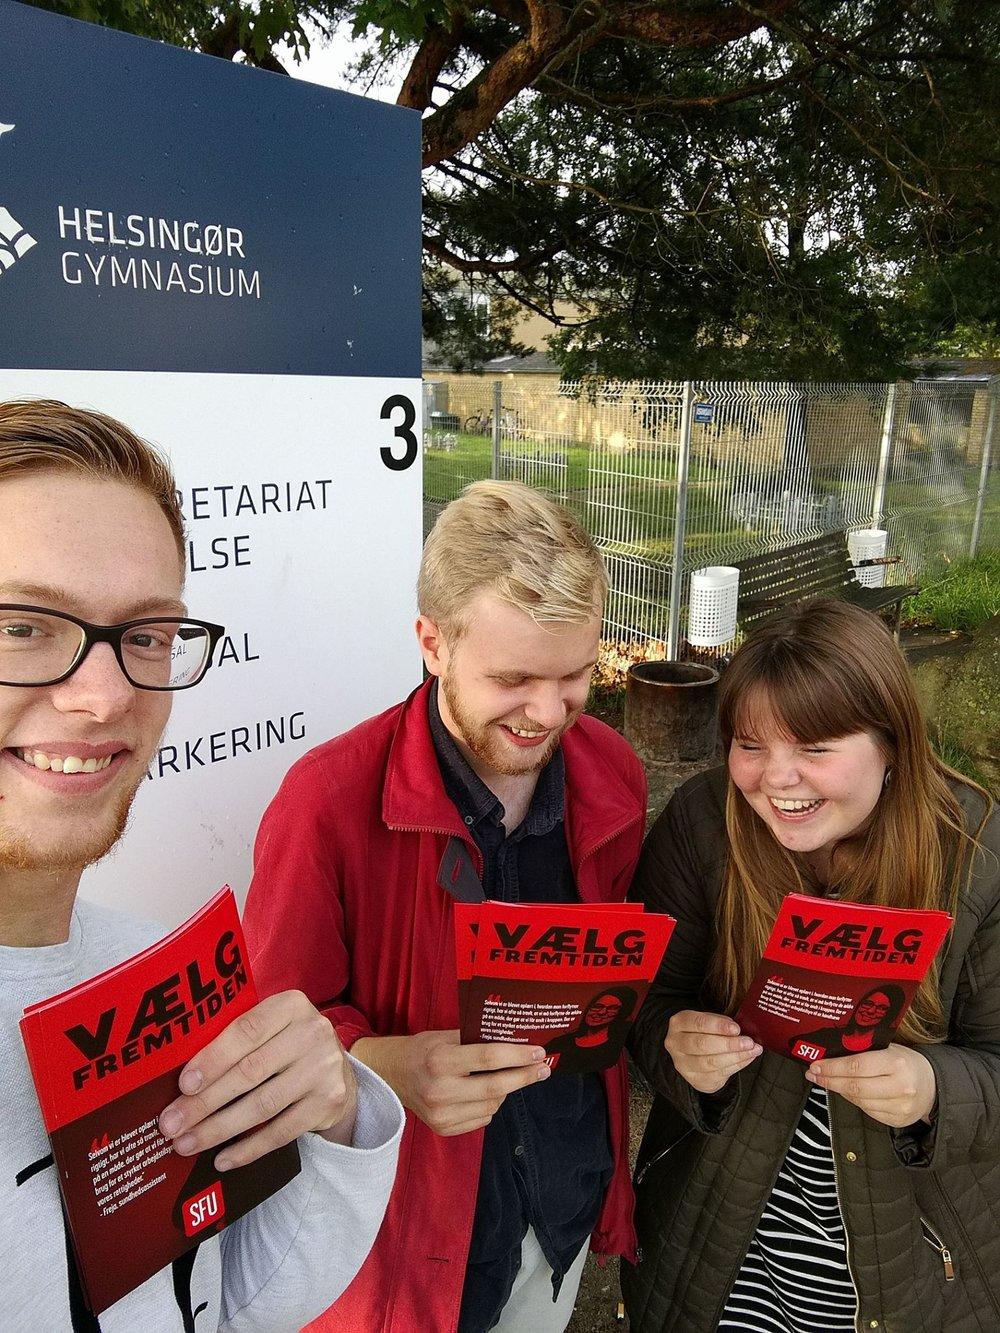 SFU Helsingør - ren.jpg